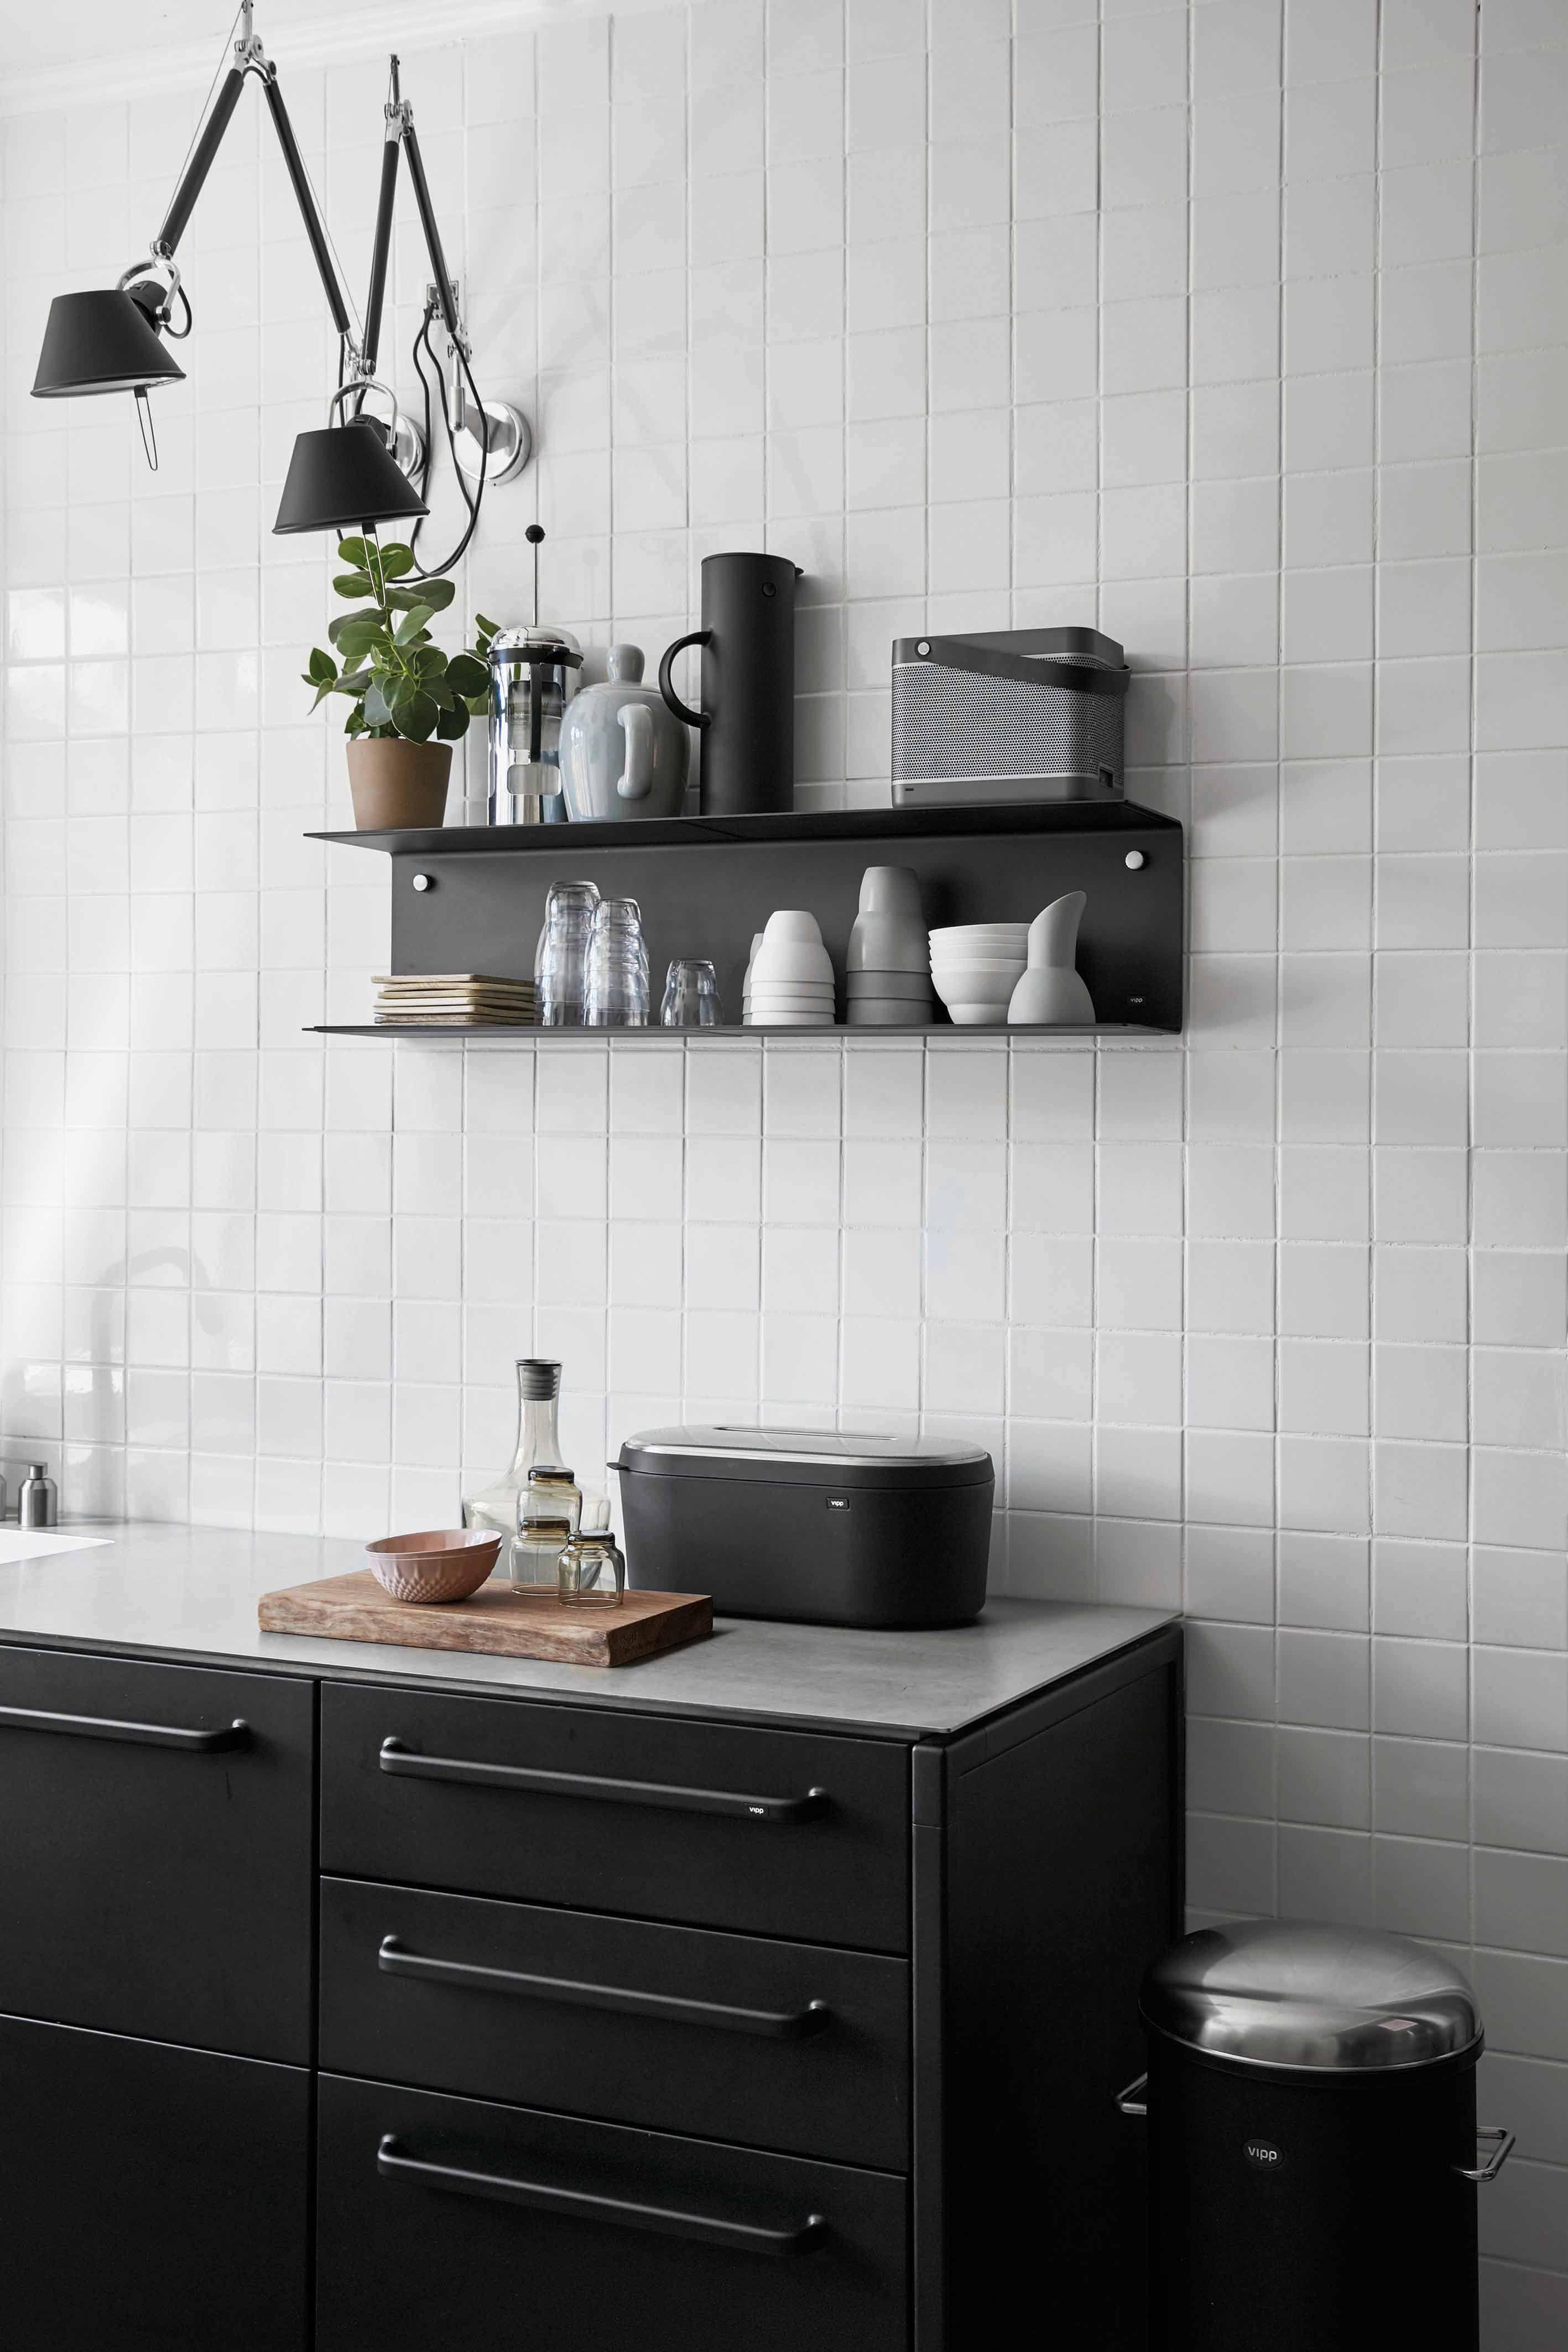 Ziemlich Beste Küche Farbe Mit Lichtschränke Zeitgenössisch ...